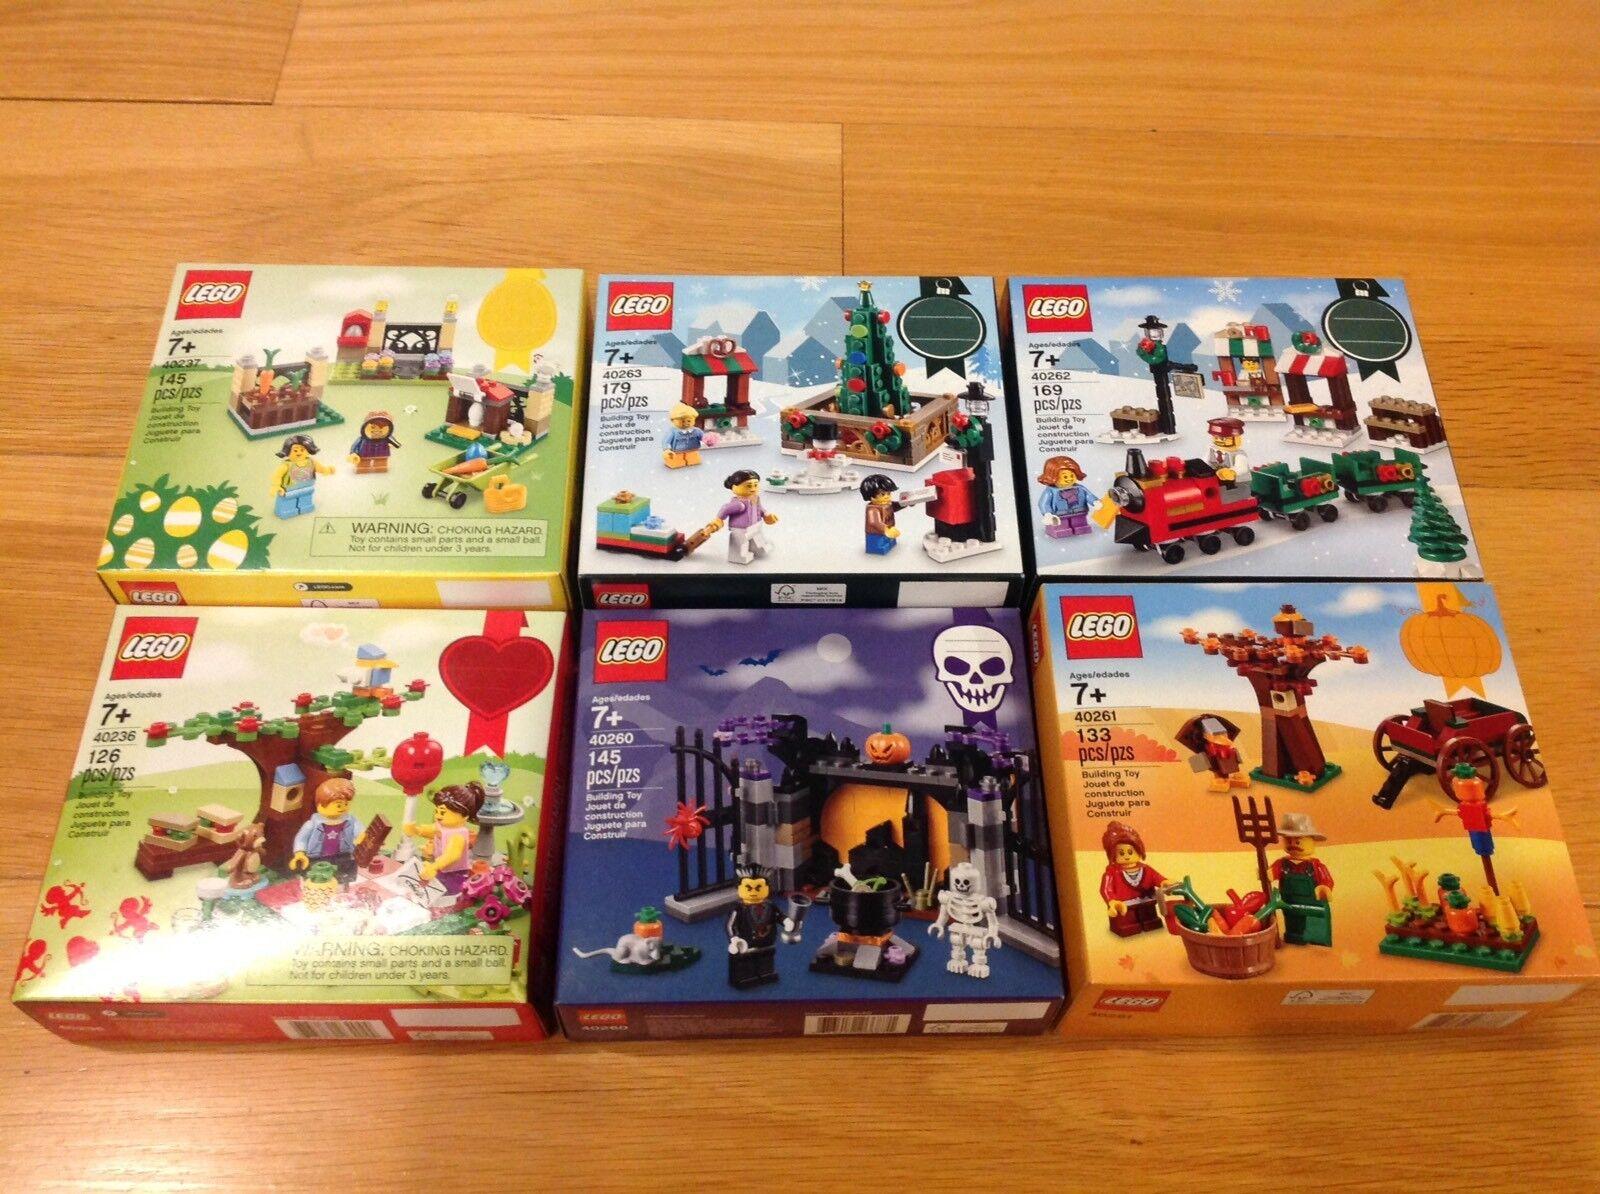 stanno facendo attività di sconto Lego Holiday Seasonal Sets (40236, (40236, (40236, 40237, 40260, 40261, 40262, 40263)  seleziona tra le nuove marche come